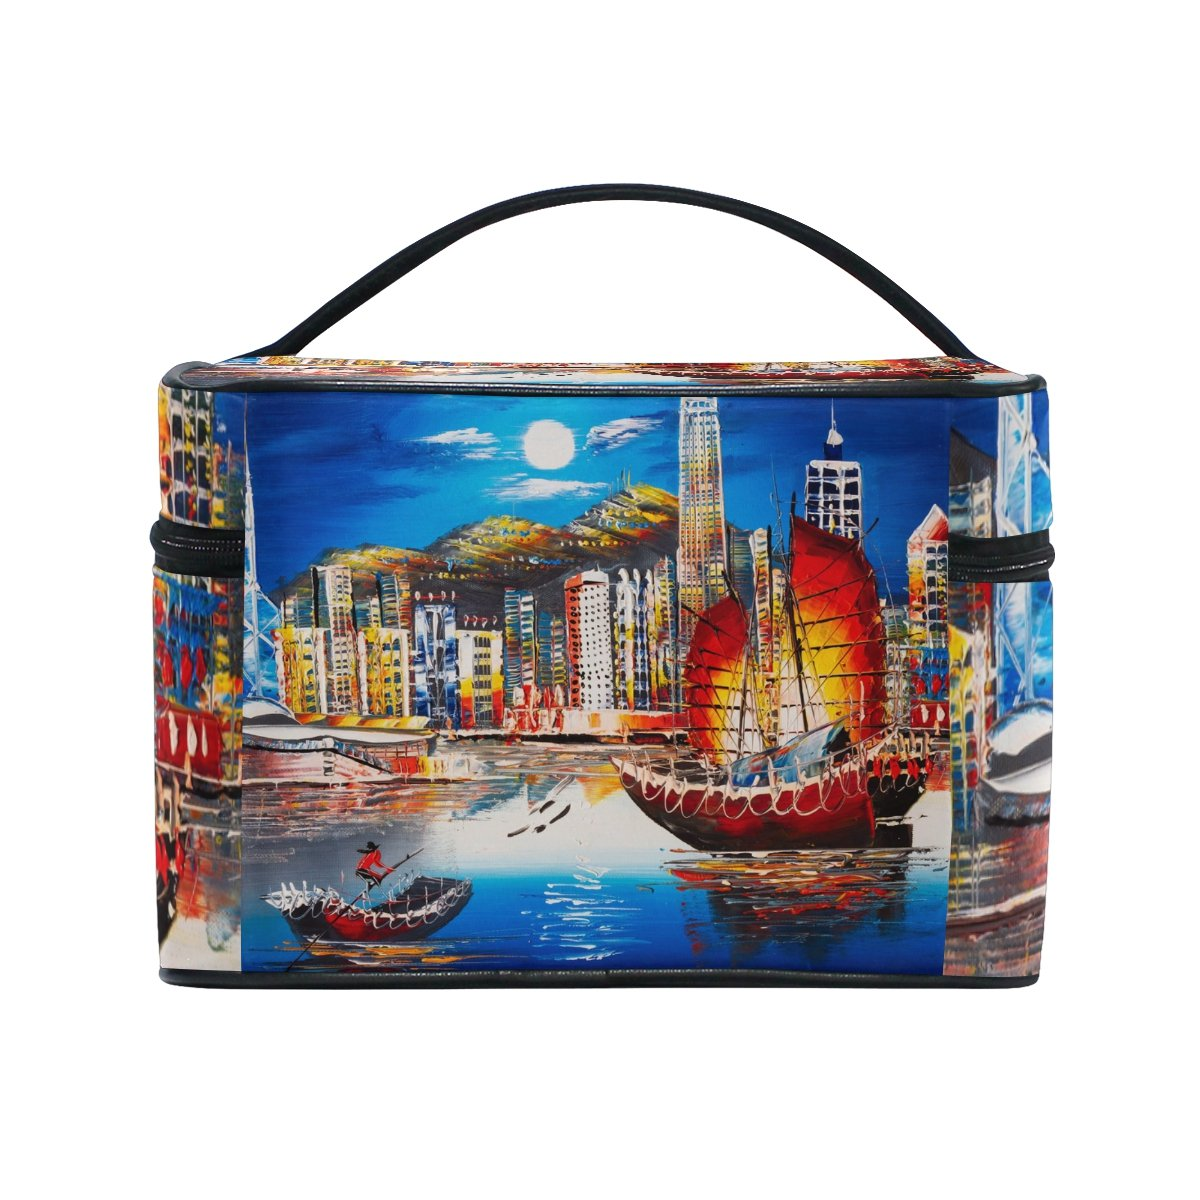 My Daily Women Tote Shoulder Bag Victoria Harbor Hong Kong Sailboat Oil Painting Handbag Large